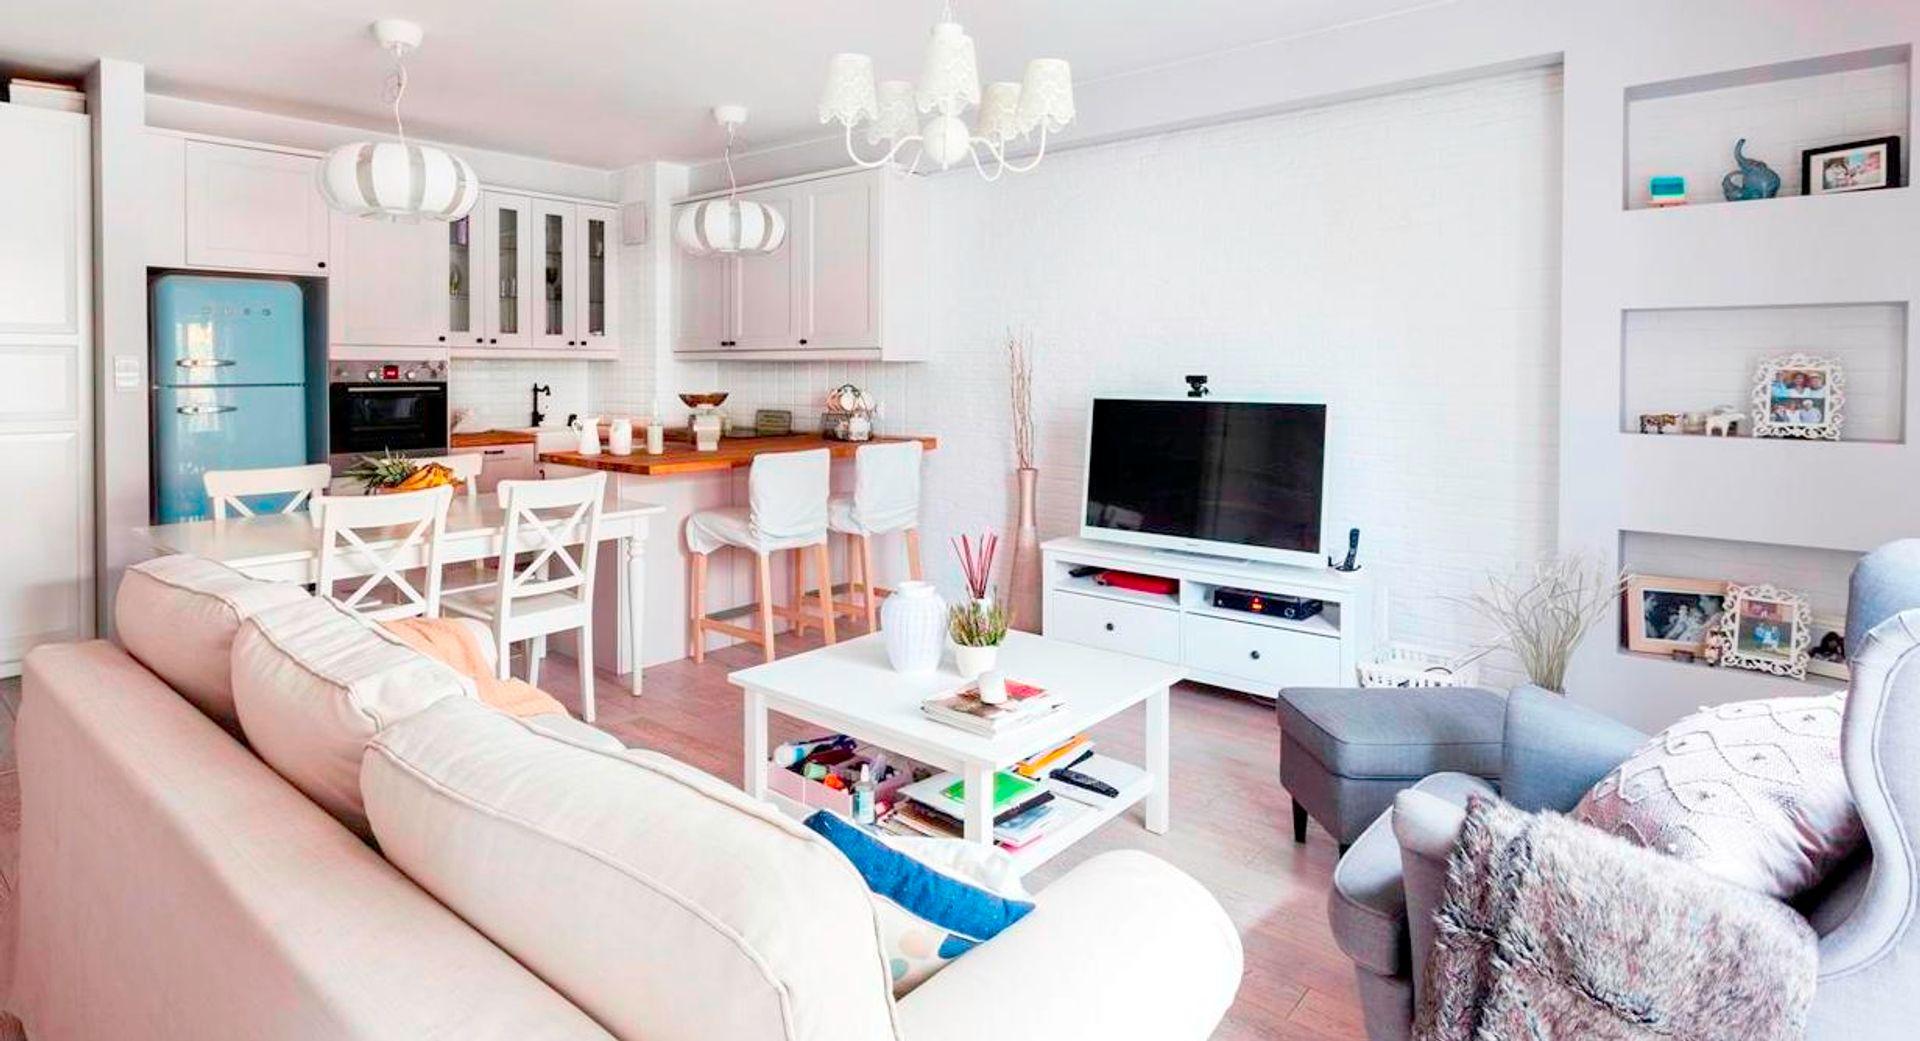 [Polska] W których osiedlach są do wzięcia ostatnie mieszkania